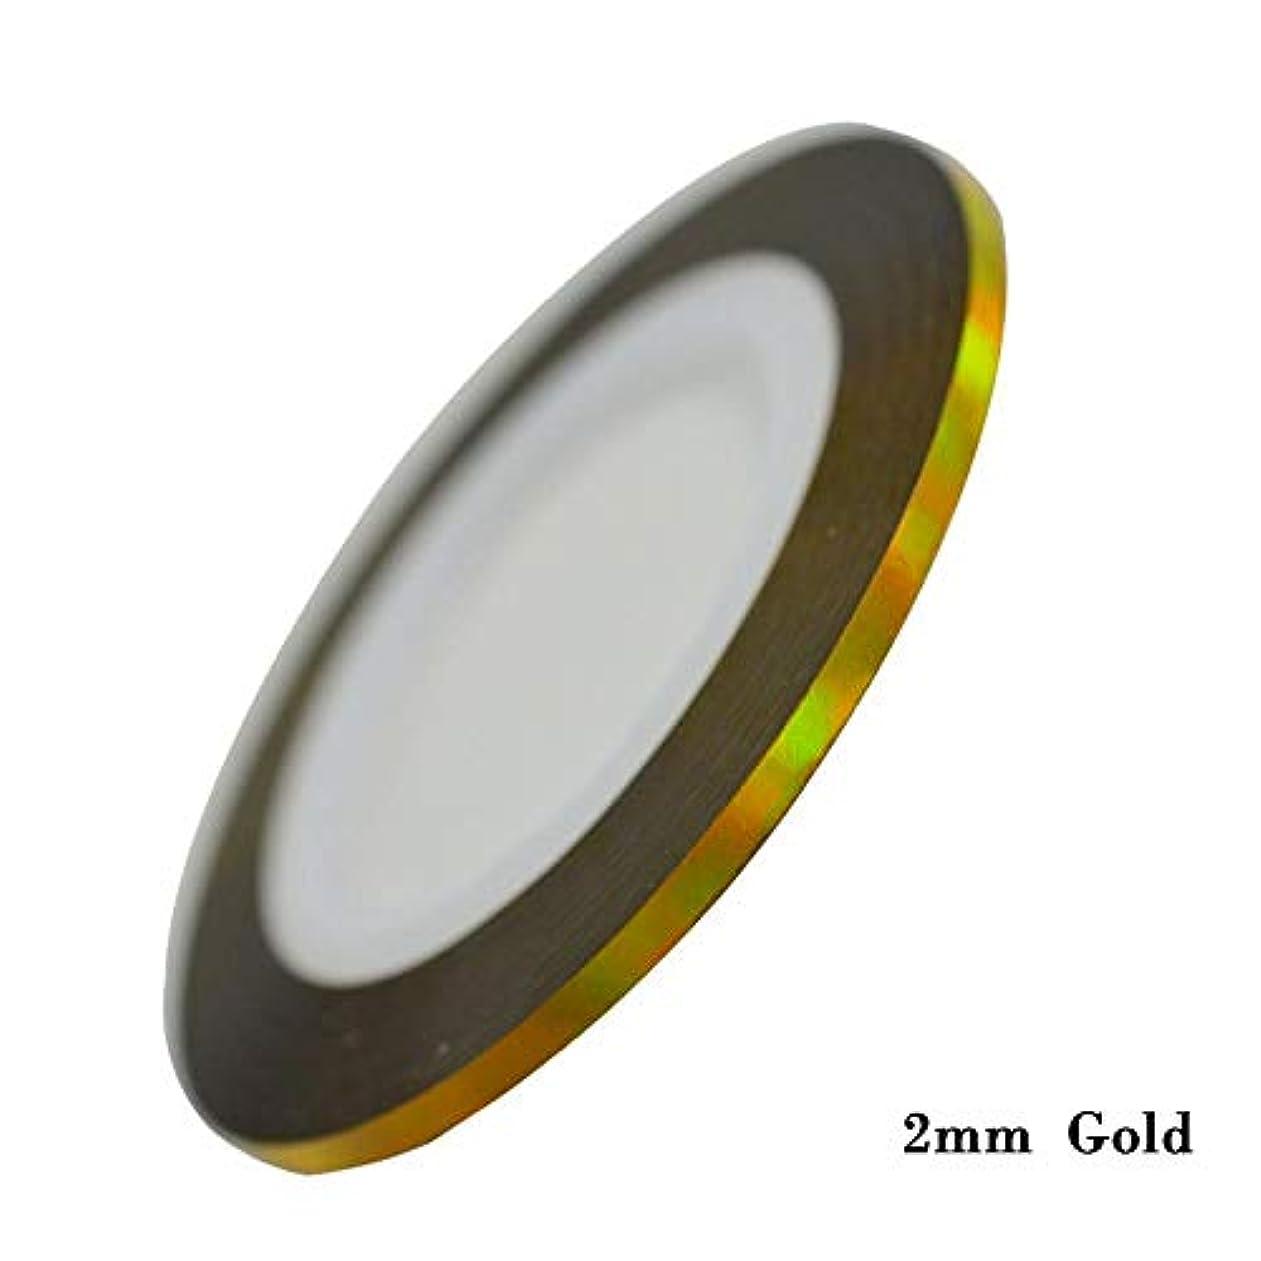 ロック解除便益証拠SUKTI&XIAO ネイルステッカー 1ロール新しい虹ネイルアートテープラインストライピング自己接着デカール箔ネイルステッカー装飾レーザー、2ミリメートルゴールド